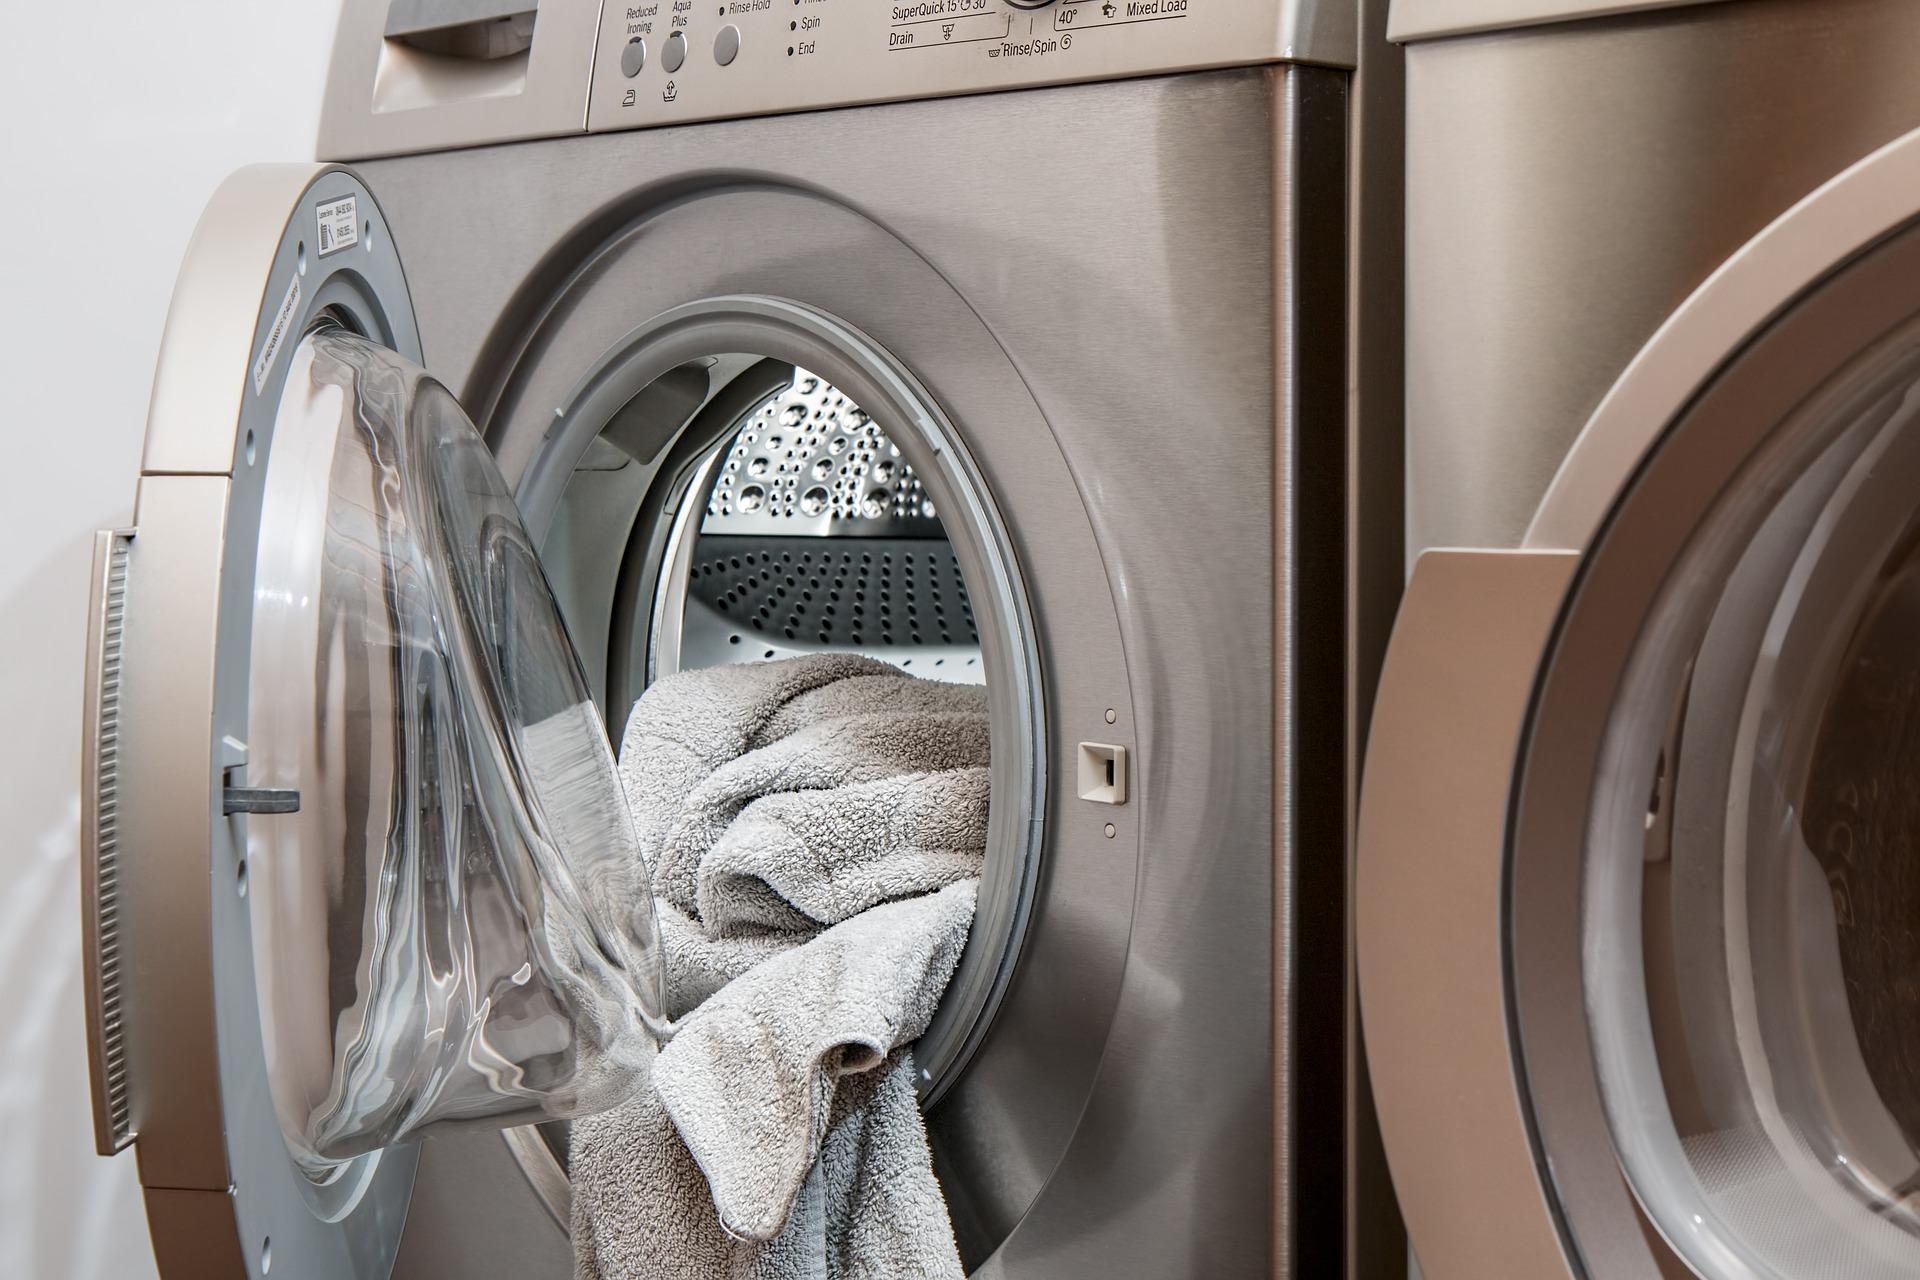 Po skończonym praniu nasza pralka jest czysta. Wystarczy powtarzać ten proces...